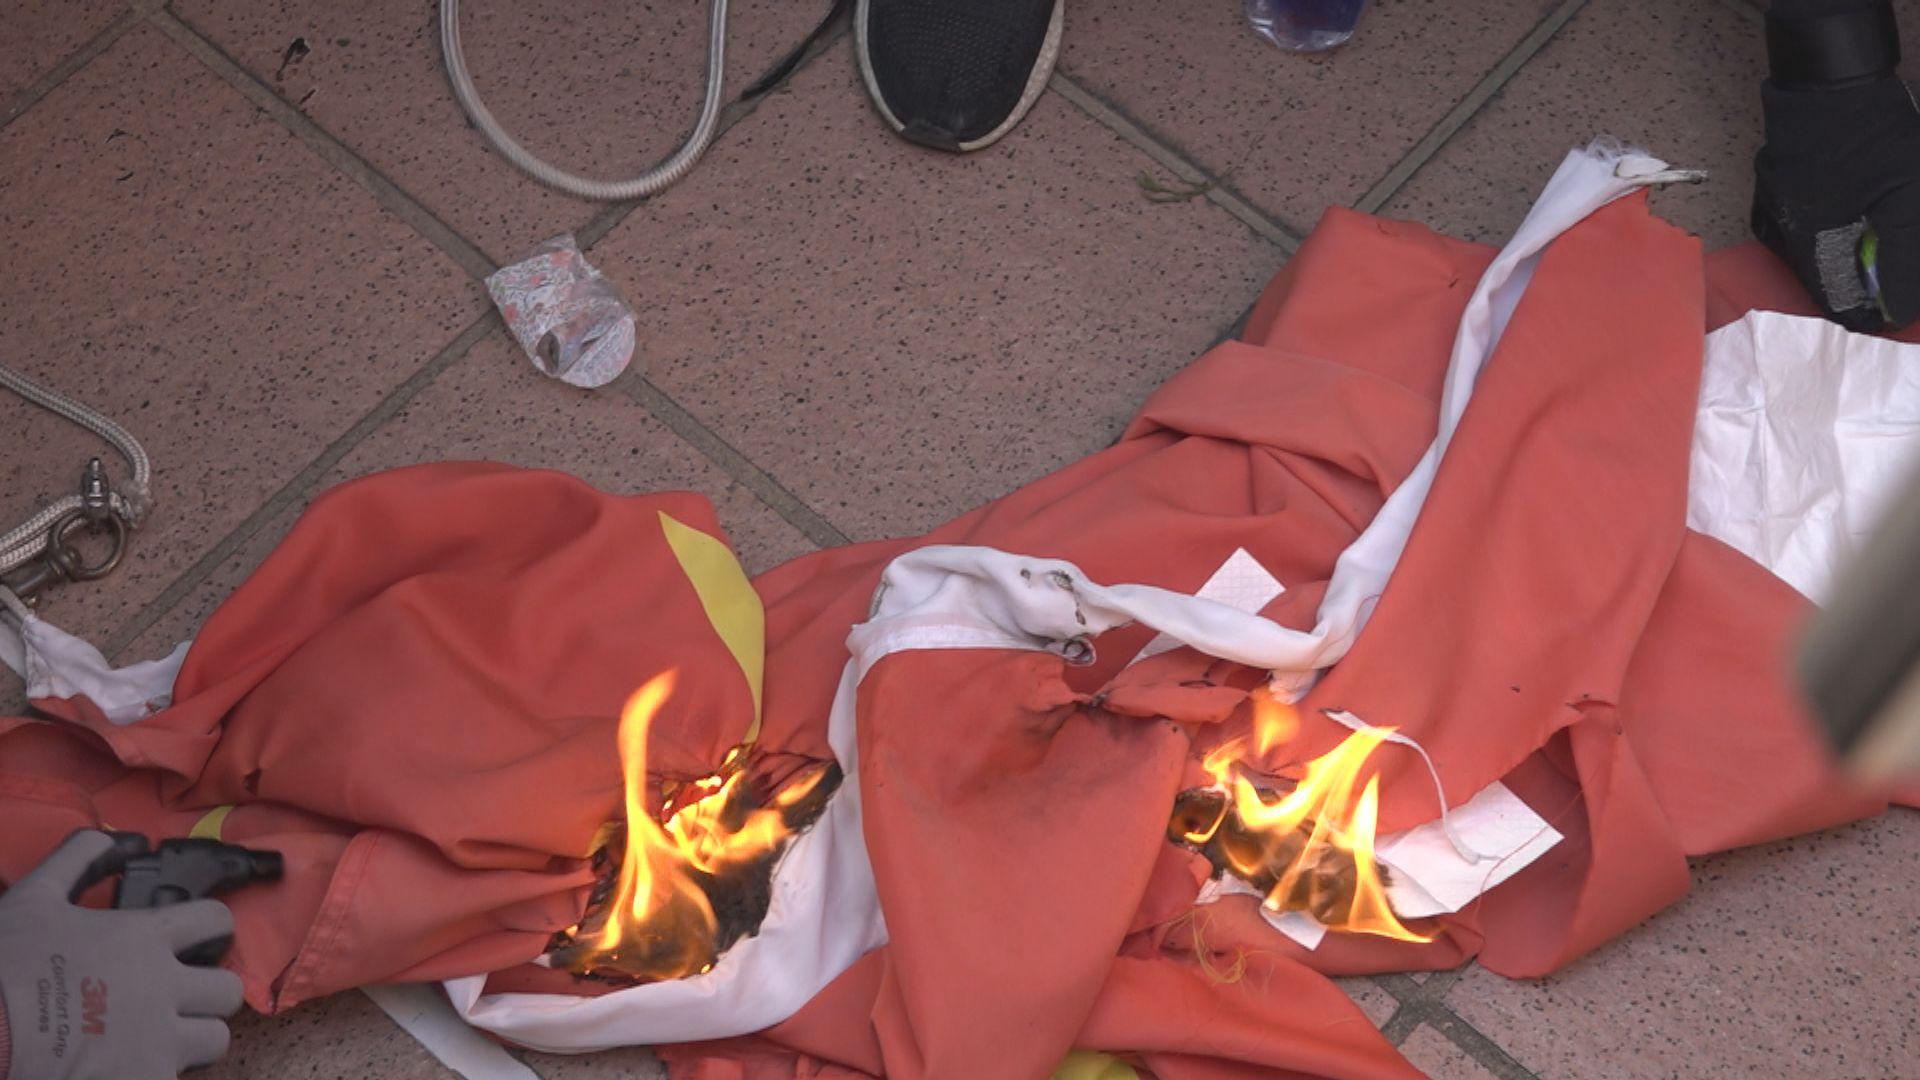 13歲女童屯門焚燒國旗 判12個月感化令